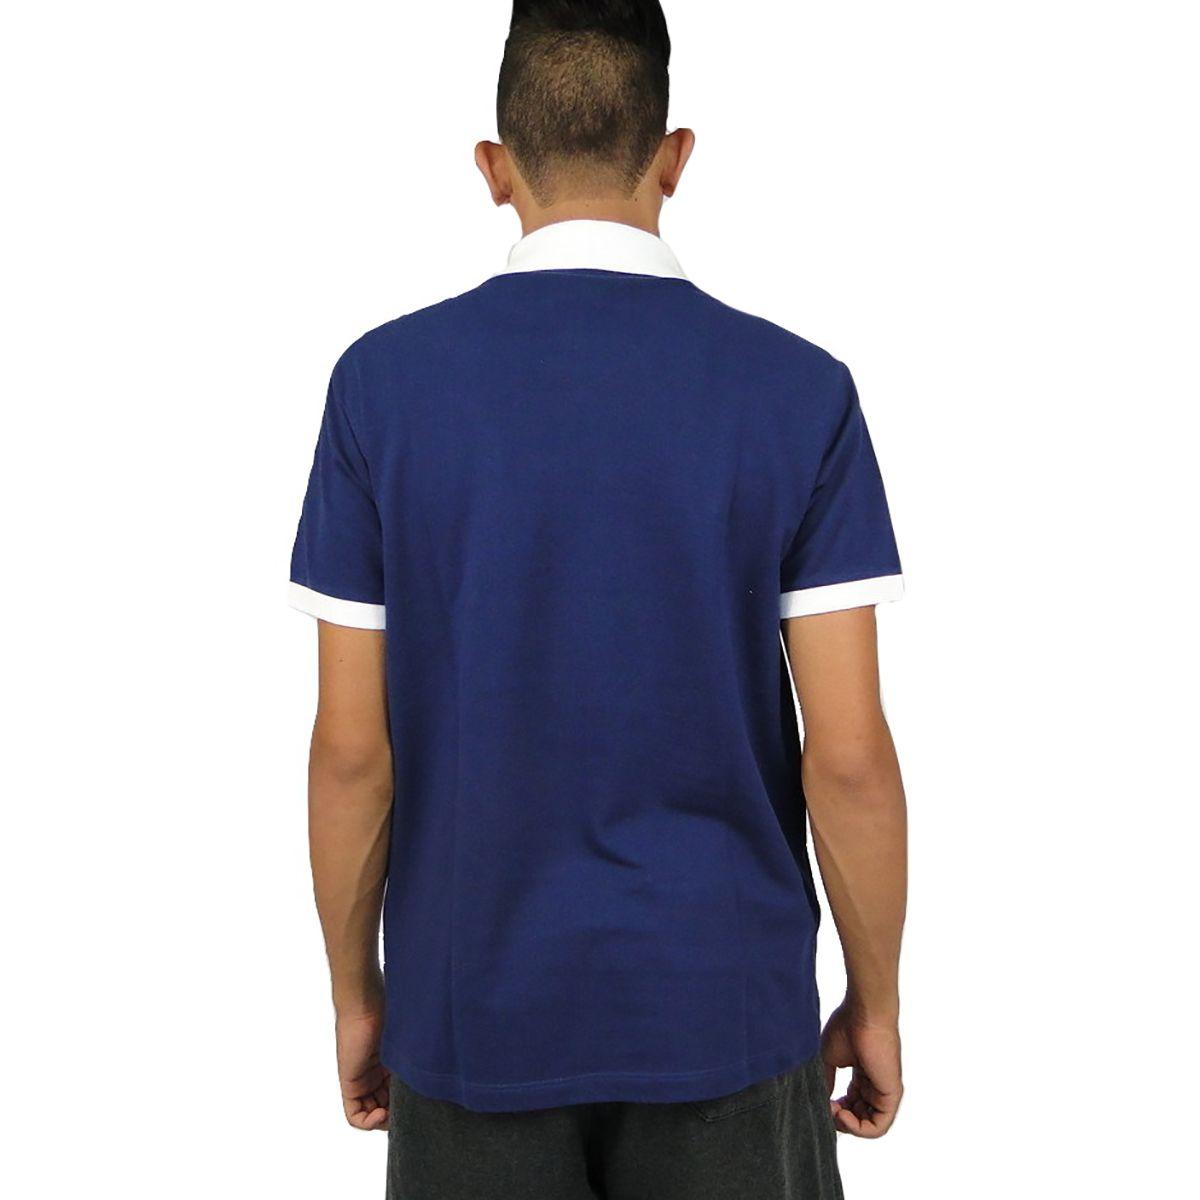 Camiseta Cavalera Masculina Manga Curta Polo